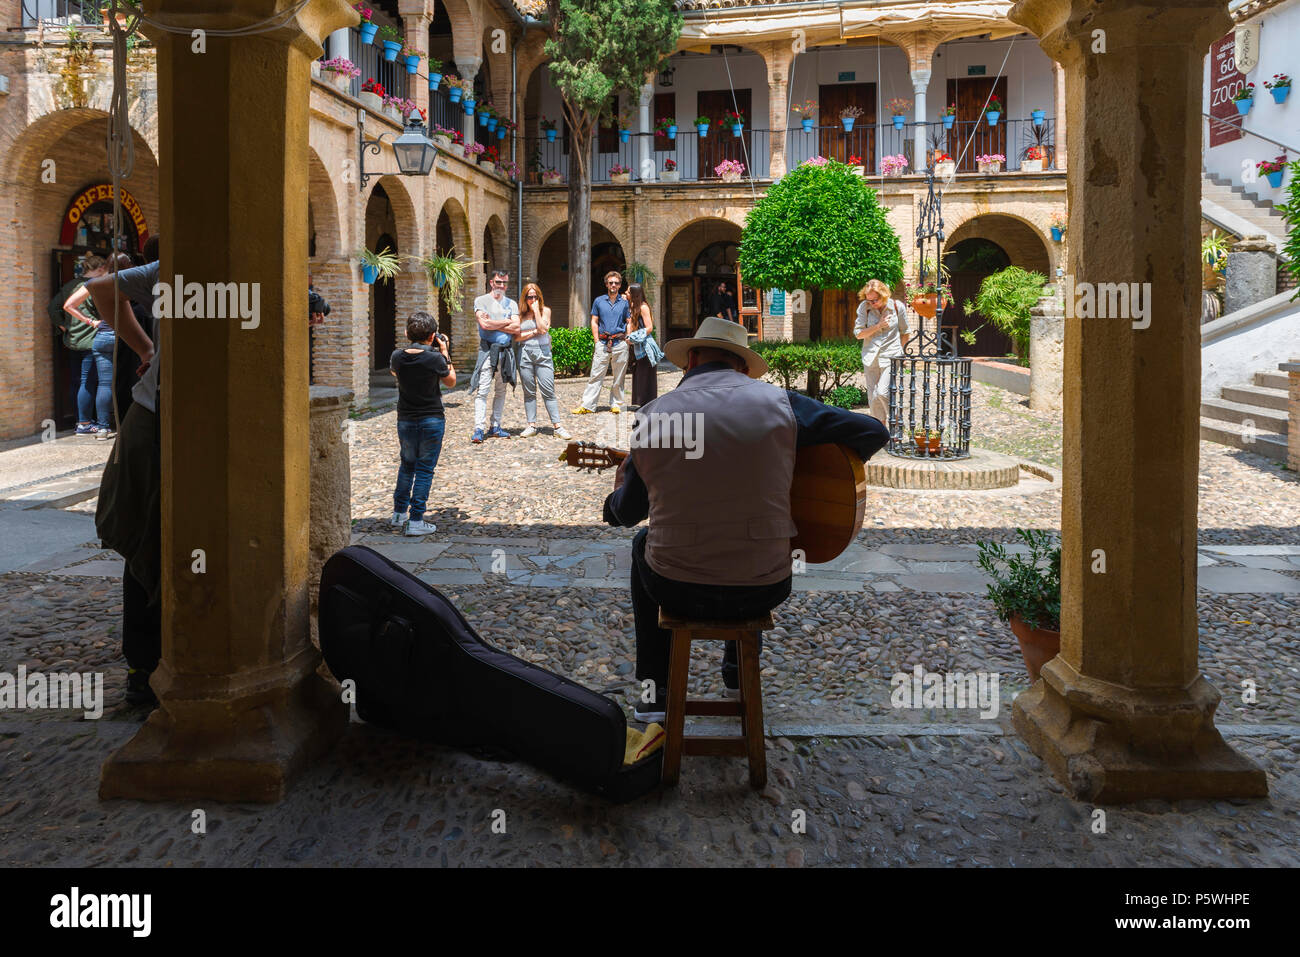 [Image: andalucia-espana-patio-vista-trasera-de-...p5whpe.jpg]